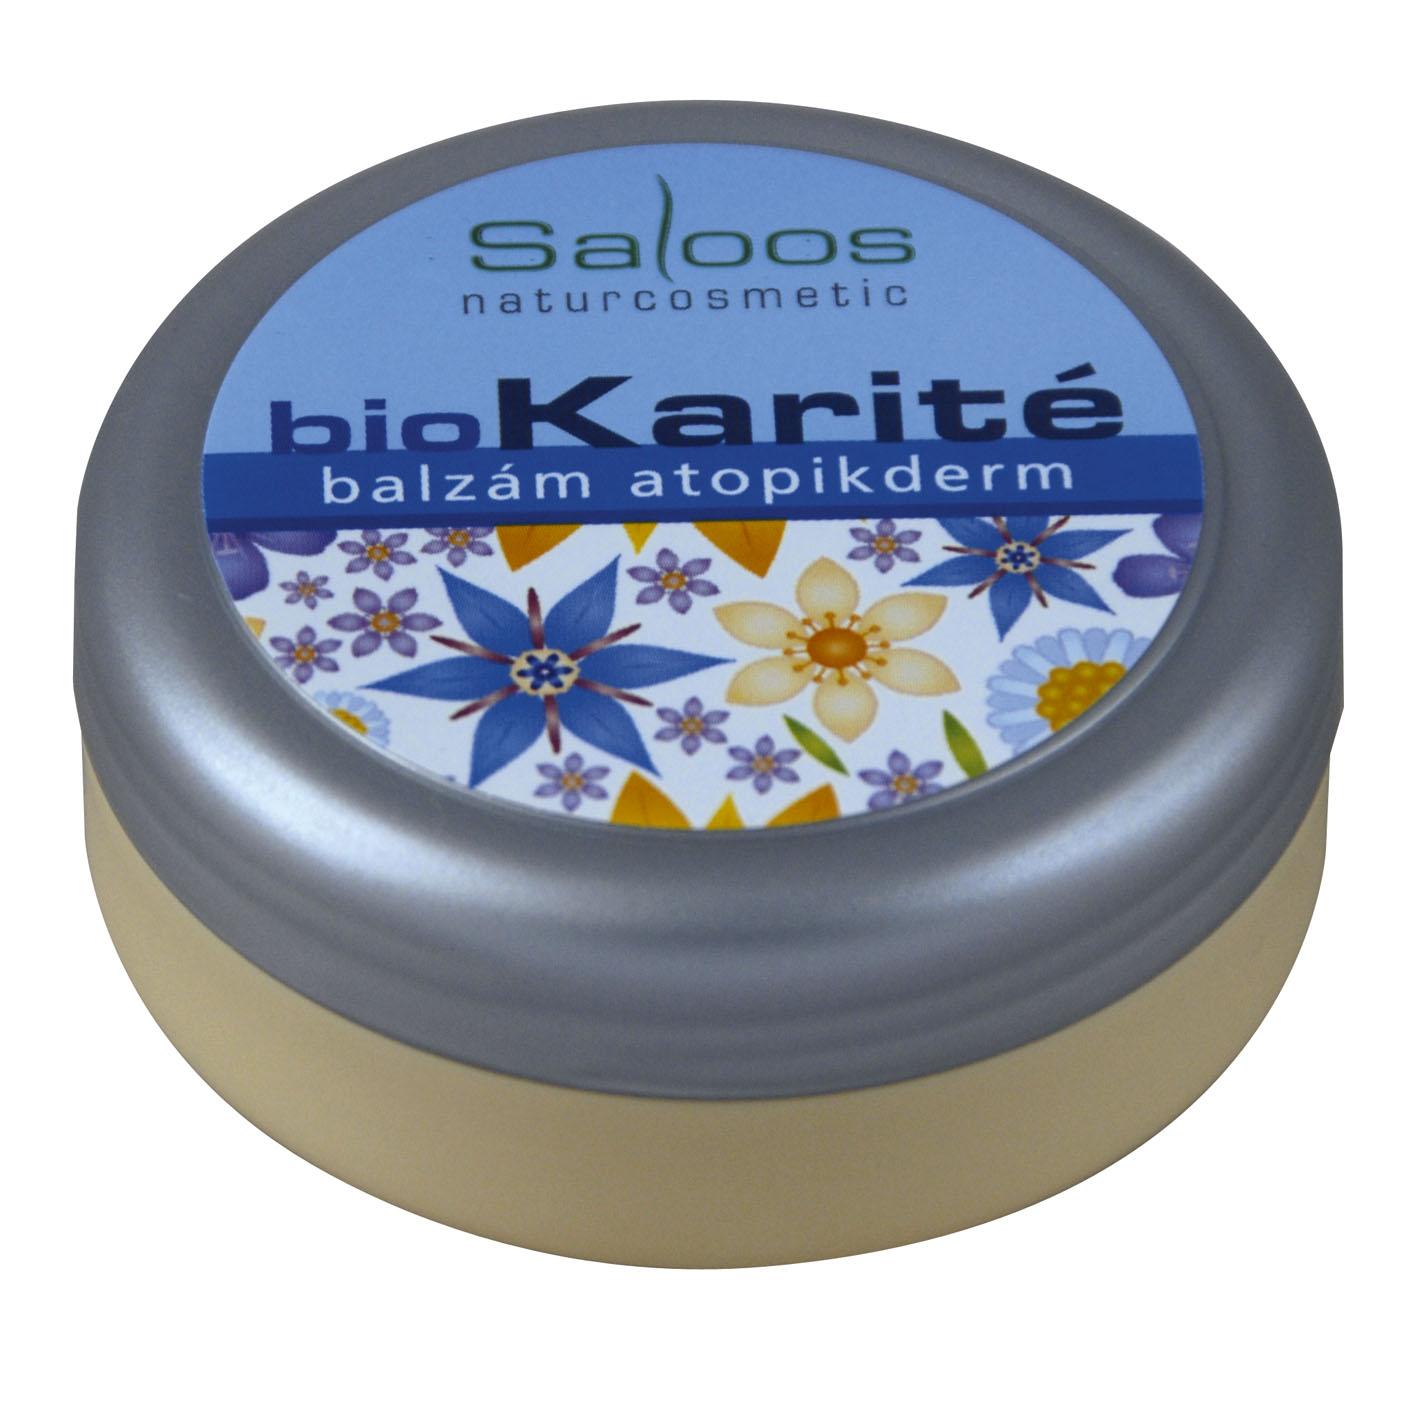 Saloos Bio karité - Balzam atopikderm 50 50 ml